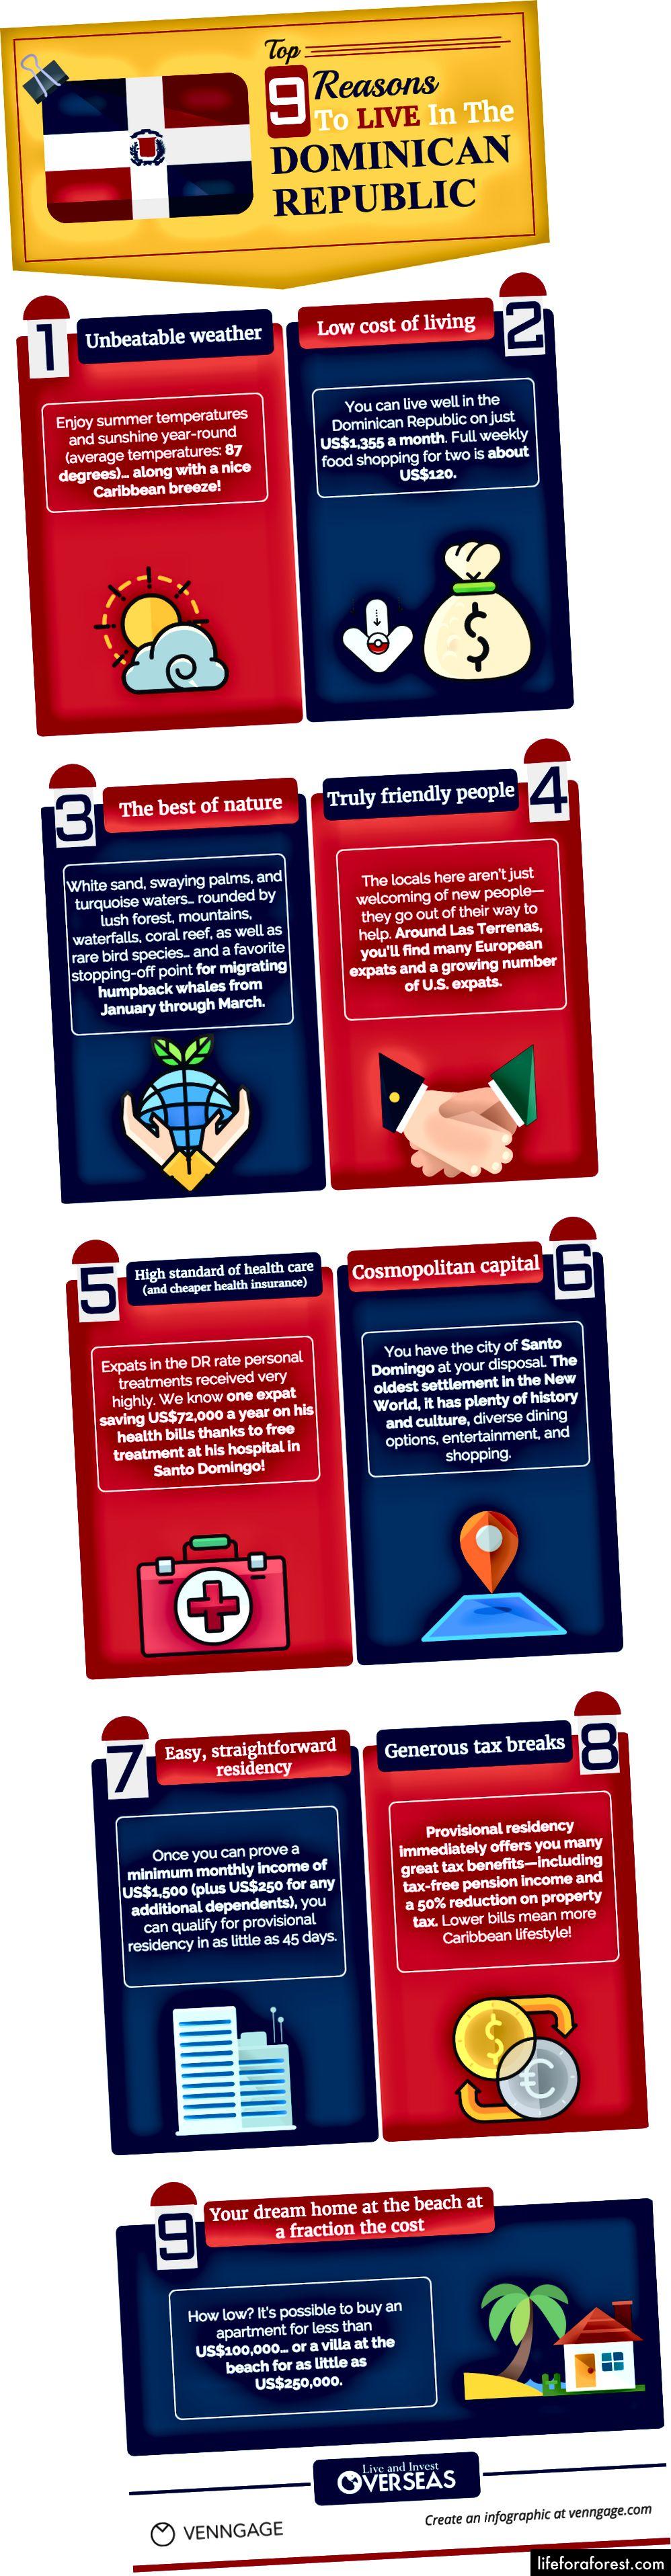 Cảm ơn Venngage.com đã minh họa 9 lý do hàng đầu của chúng tôi để sống ở Cộng hòa Dominican ngay bây giờ!